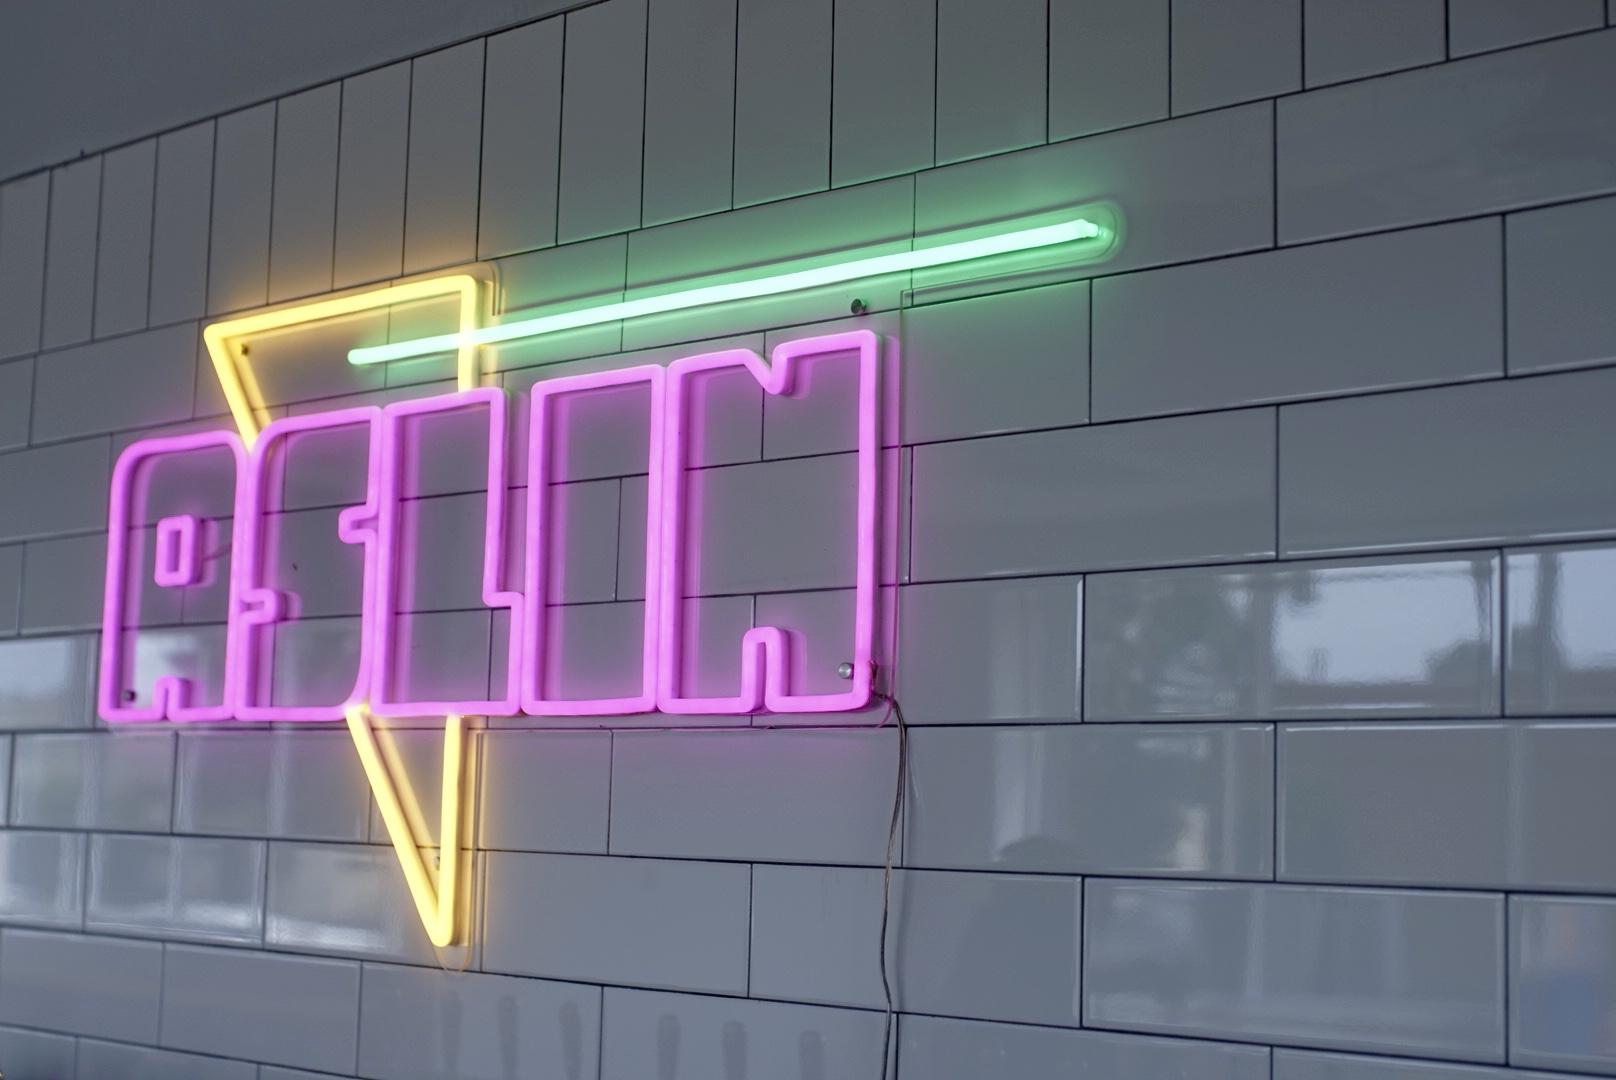 Artwork at Alexandria's New Aslin Brewery Looks Like 'Lisa Frank on Acid'